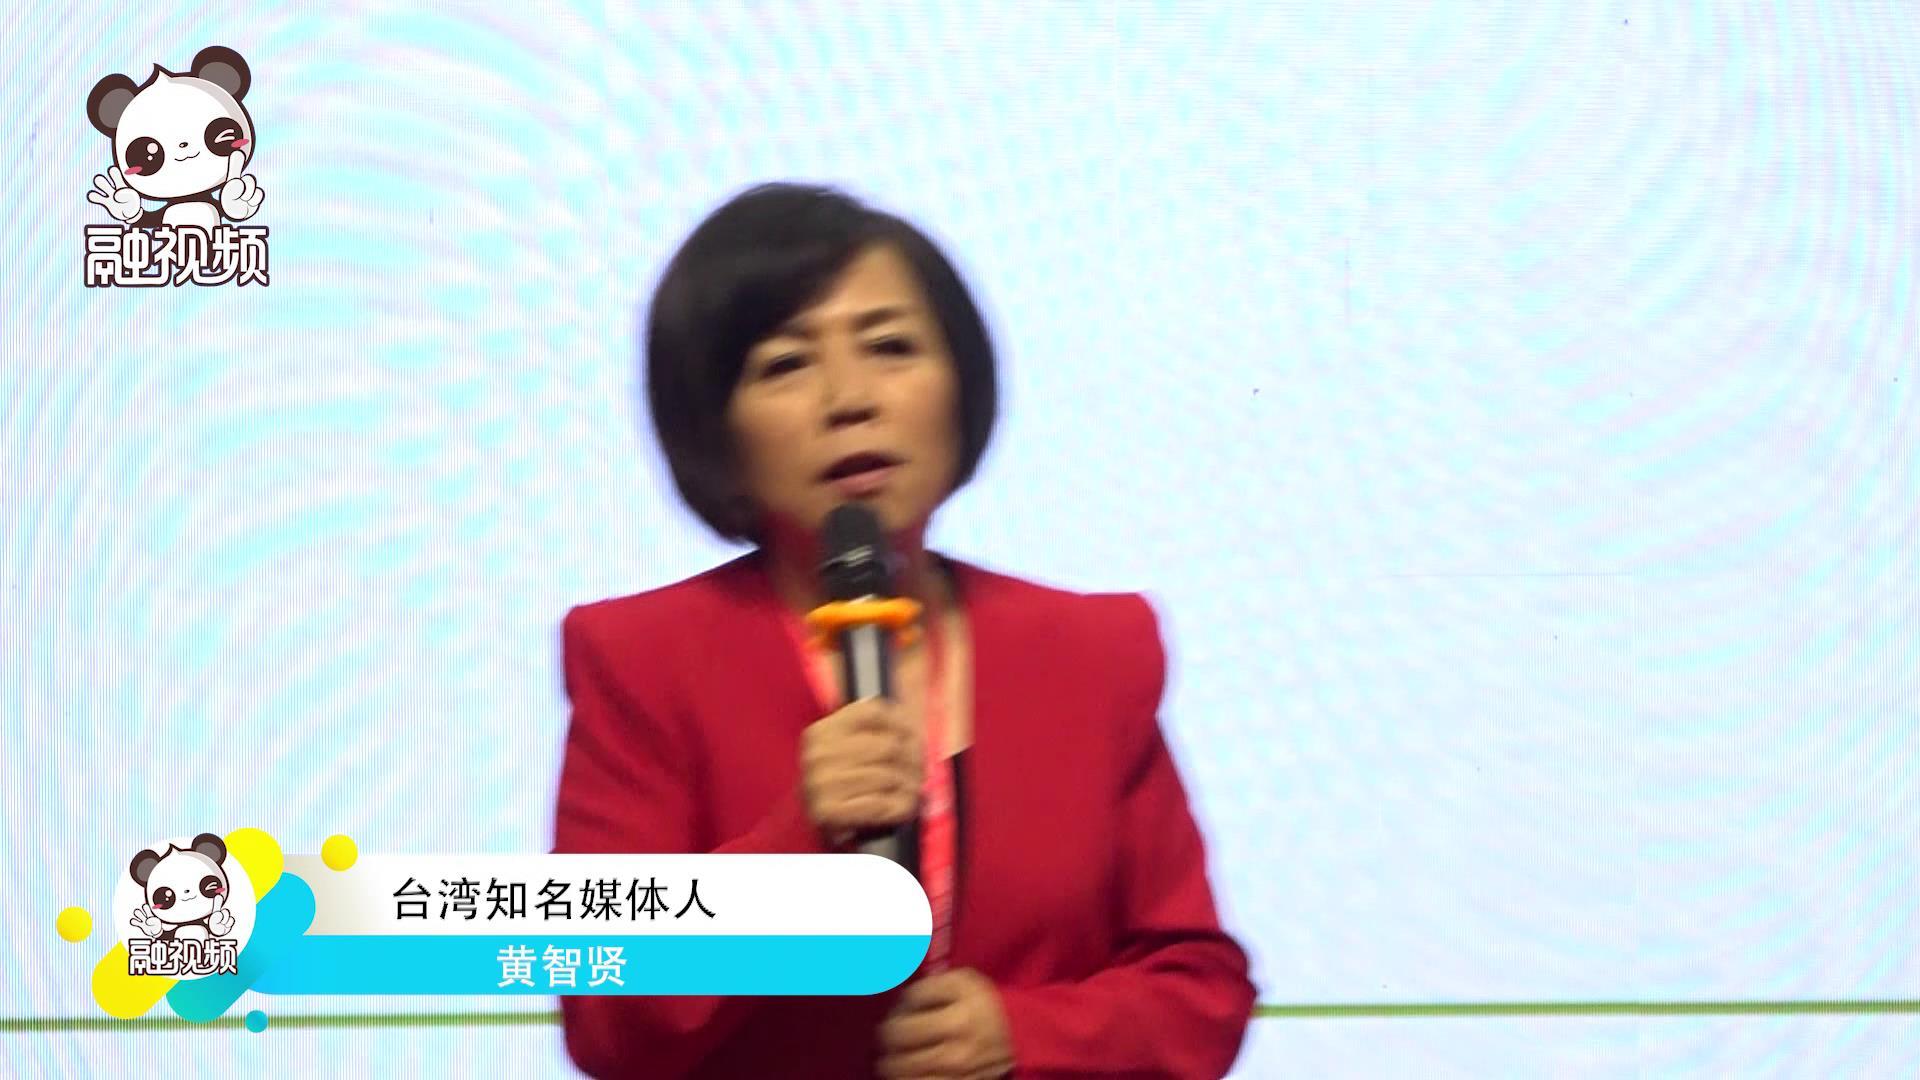 黄智贤:温州人和台湾人都喜欢拼图片